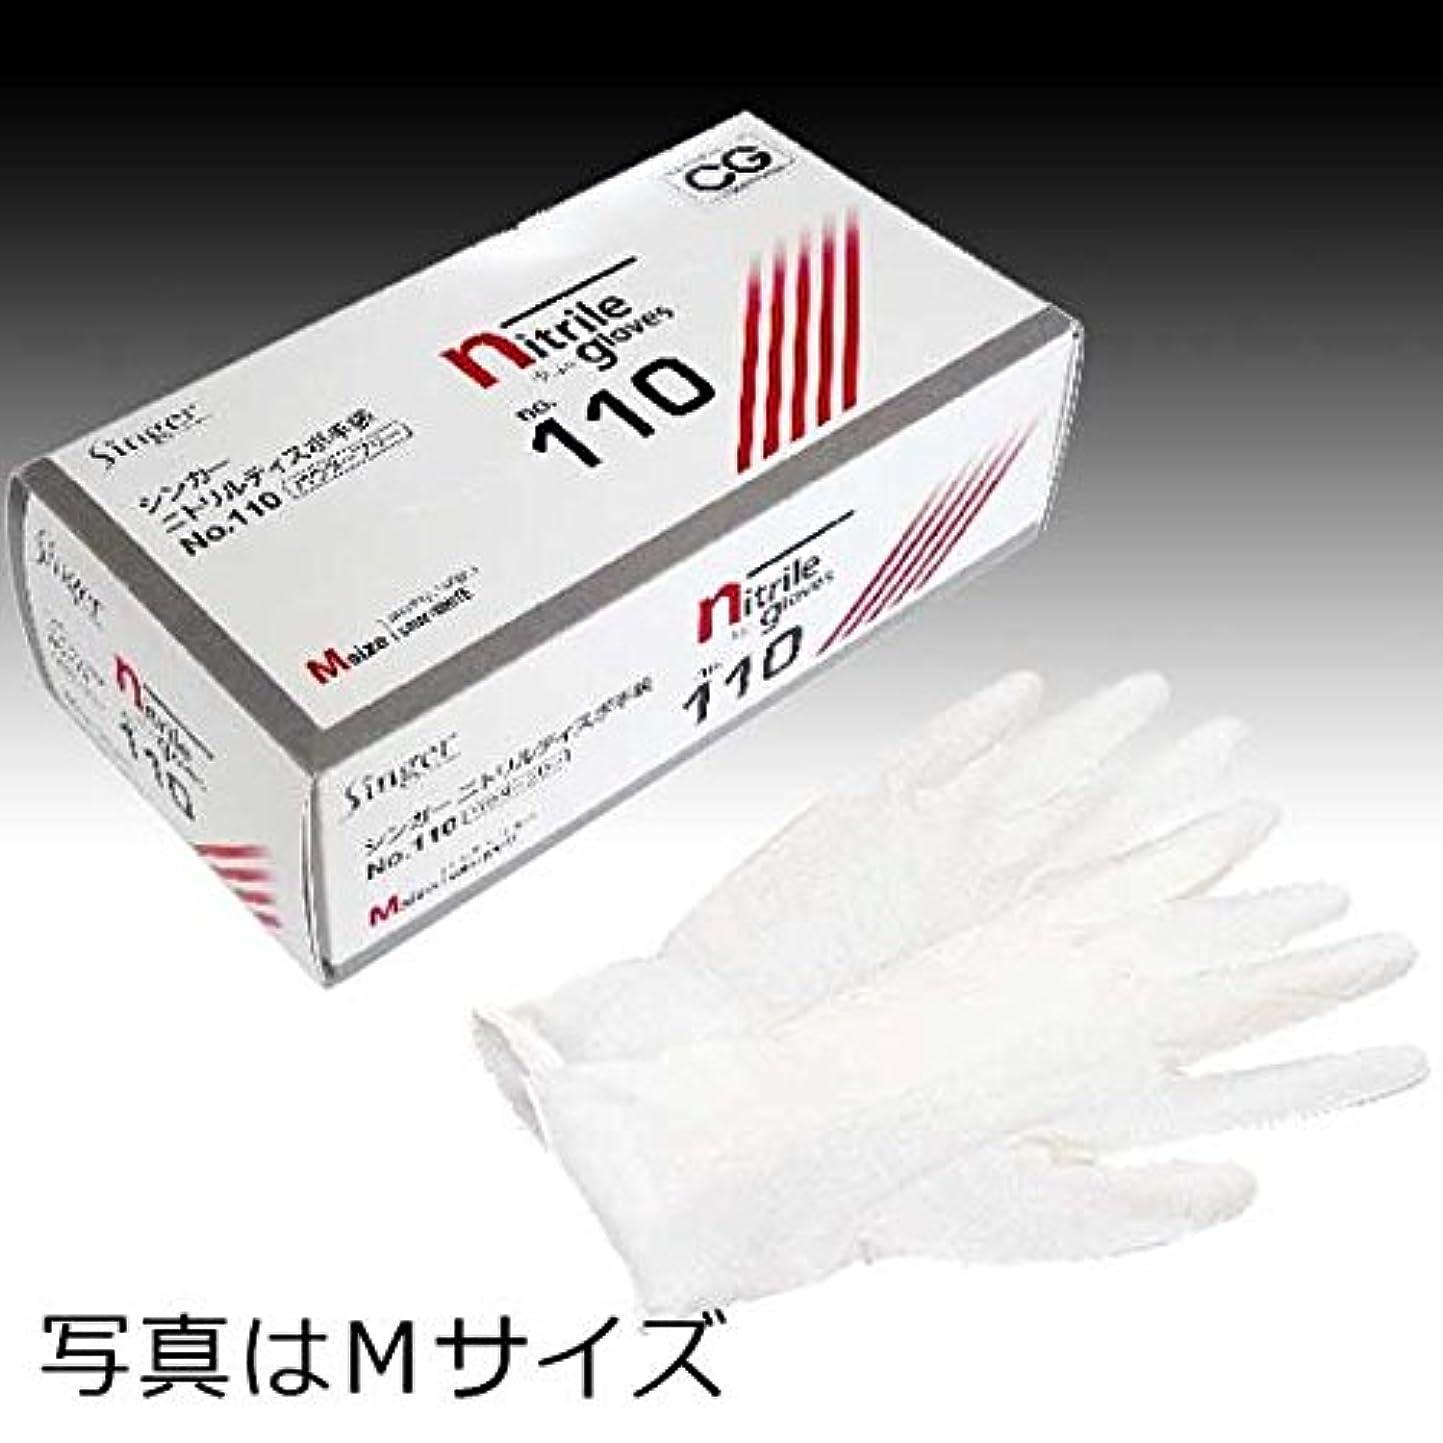 報復にと遊ぶシンガーニトリルディスポ No.100 使い捨て手袋 粉つき2000枚 (100枚入り×20箱) (L)